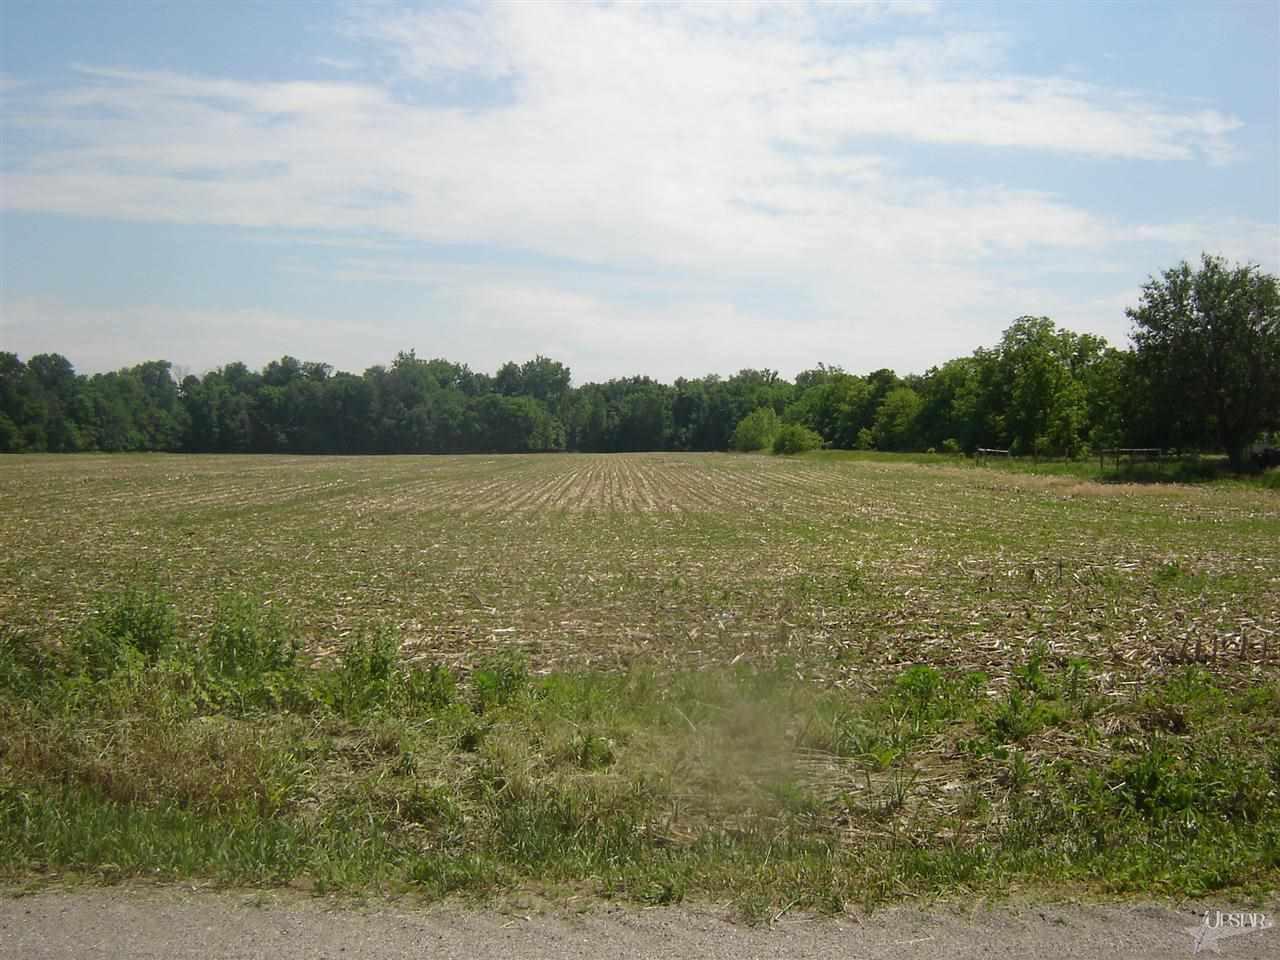 00 county road 47, Auburn, IN 46706